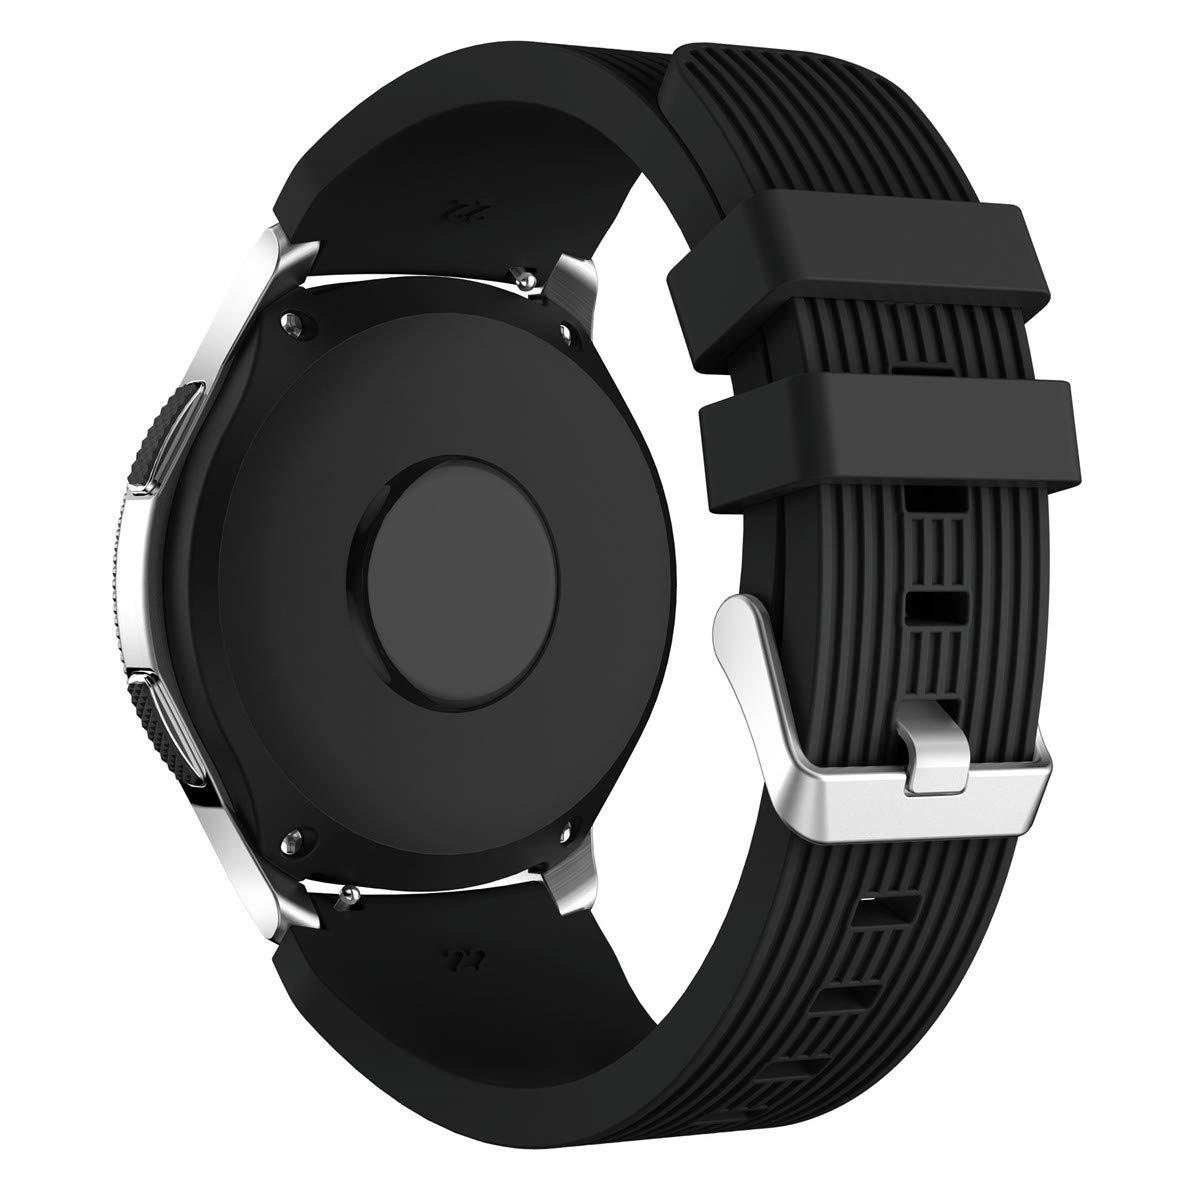 XIHAMA Correa Compatible con Samsung Galaxy Watch 46mm, Recambio de Silicona Bracelet Compatible con Smartwatch Samsung Galaxy Watch 46mm (46mm, ...